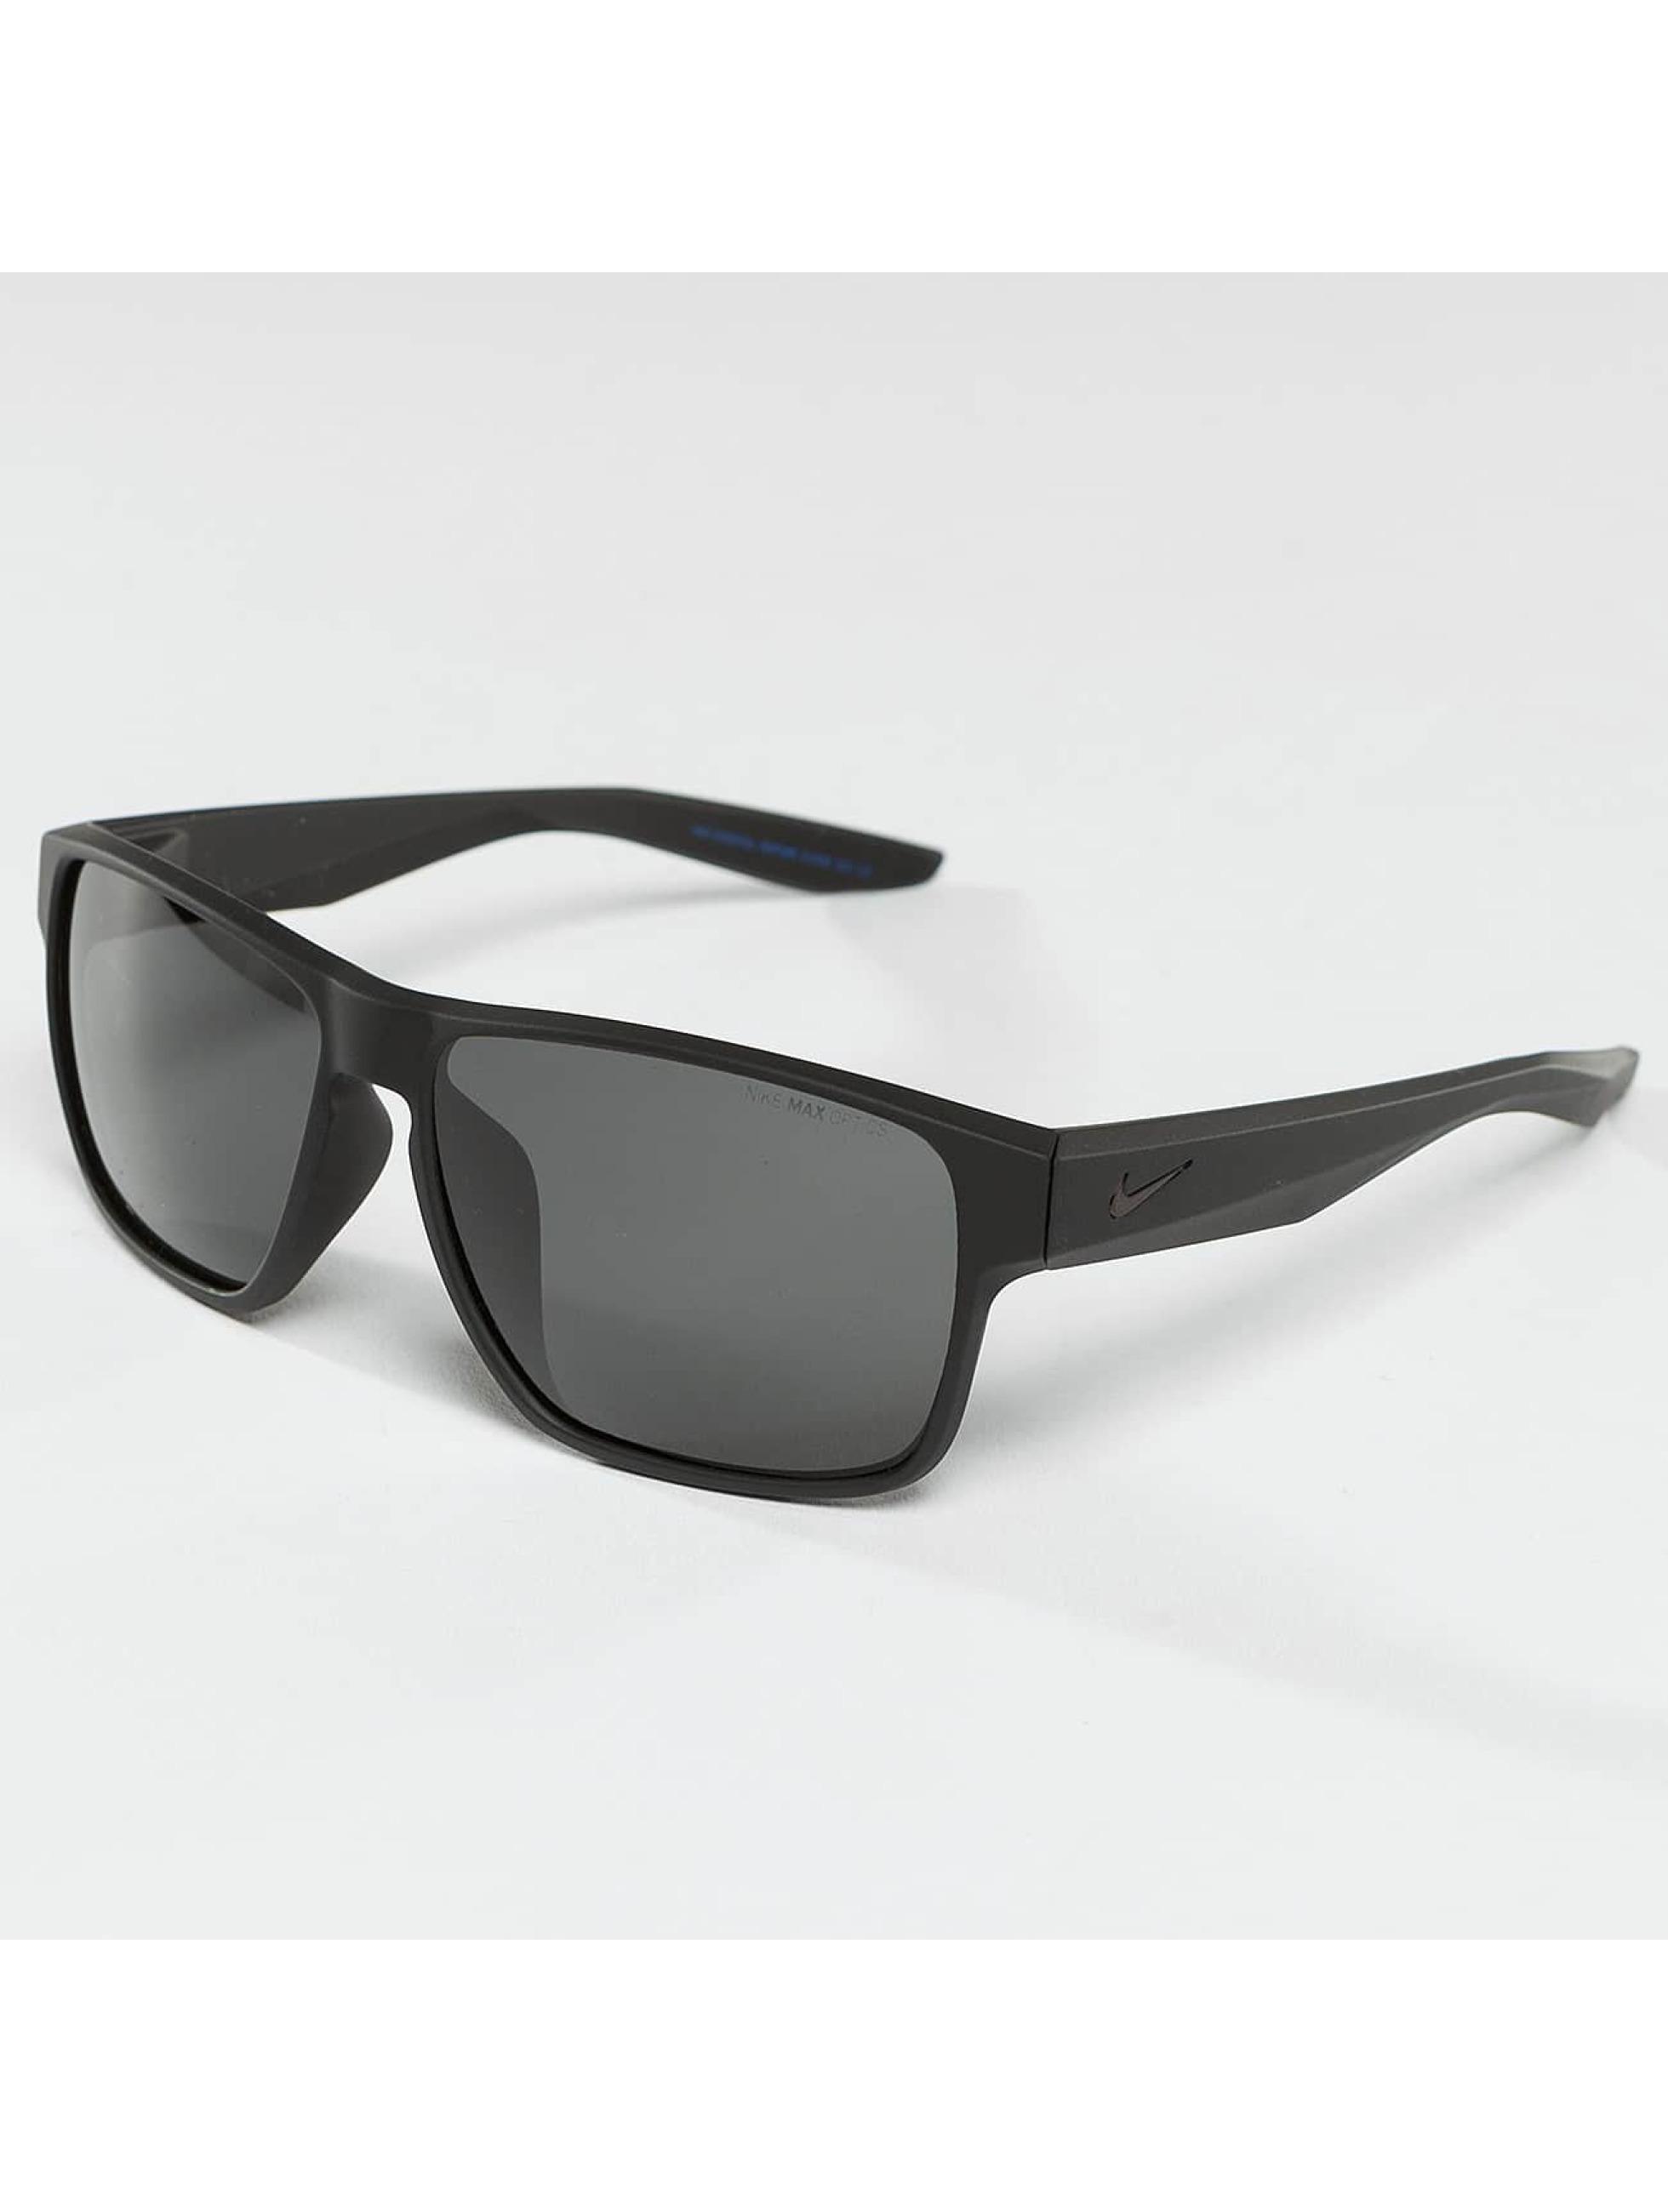 Nike Vision Lunettes de soleil Essential Venture noir